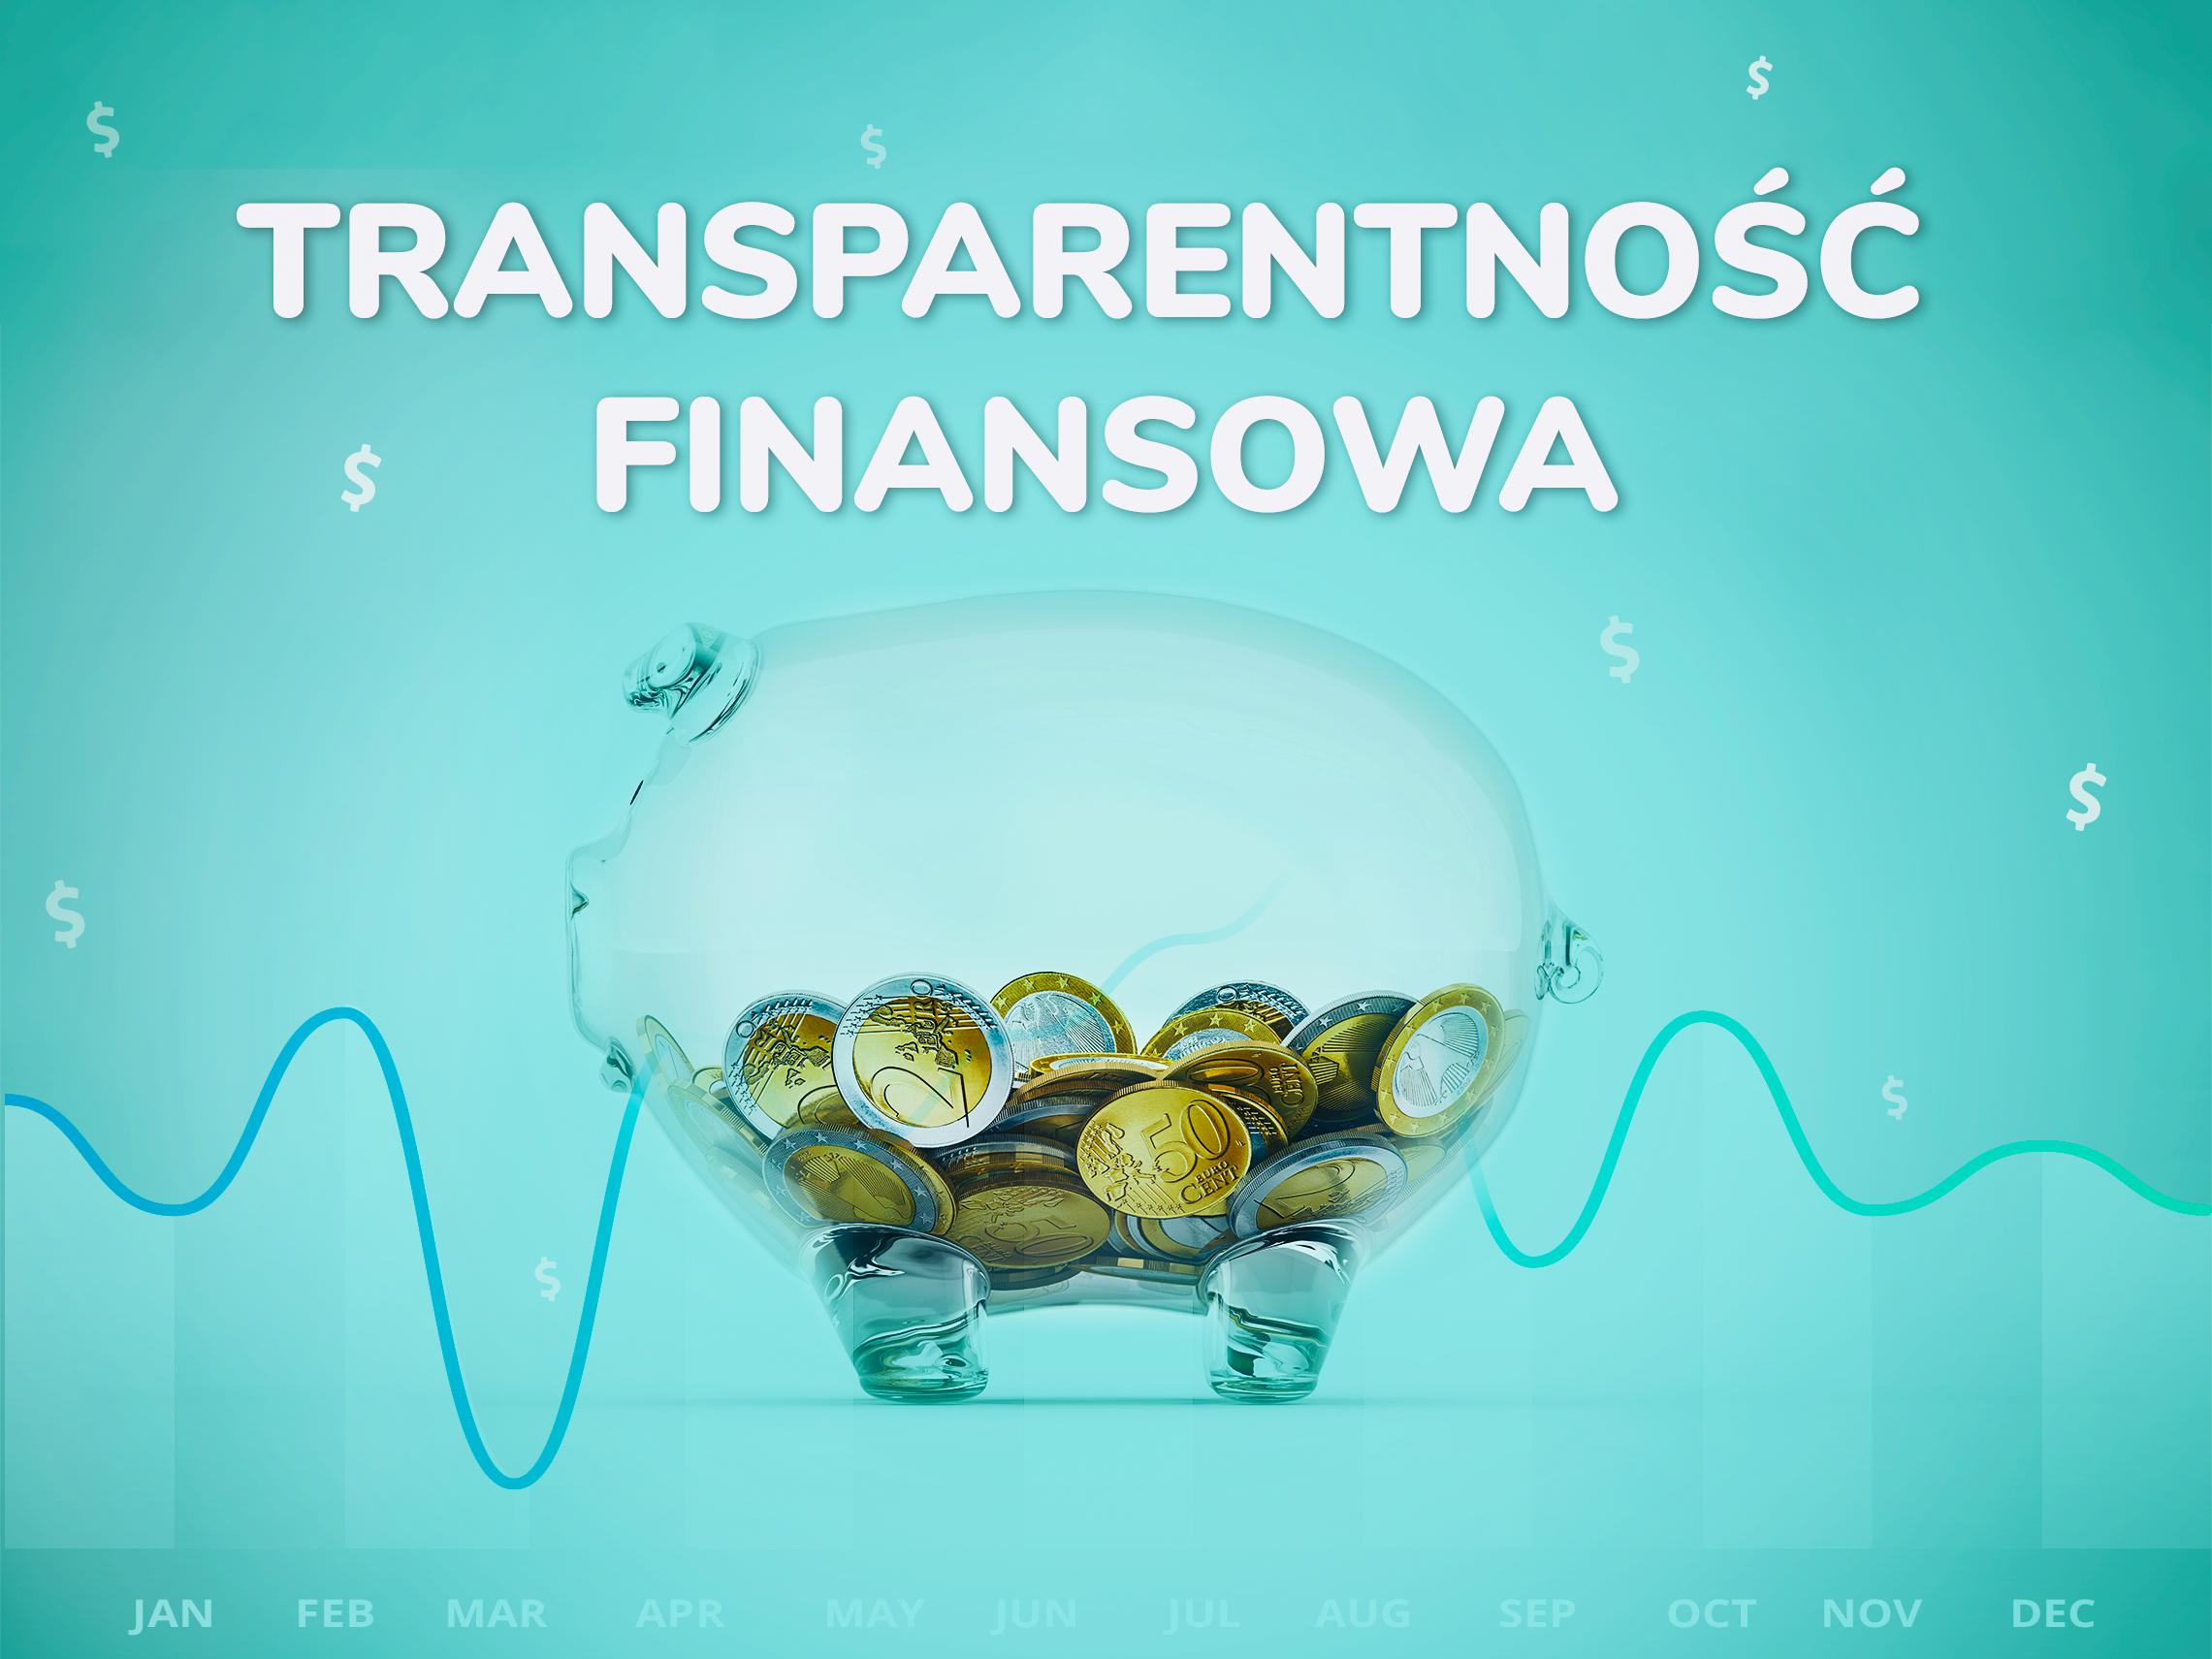 Szklana świnka skarbonka, obrazująca transparentność finansową